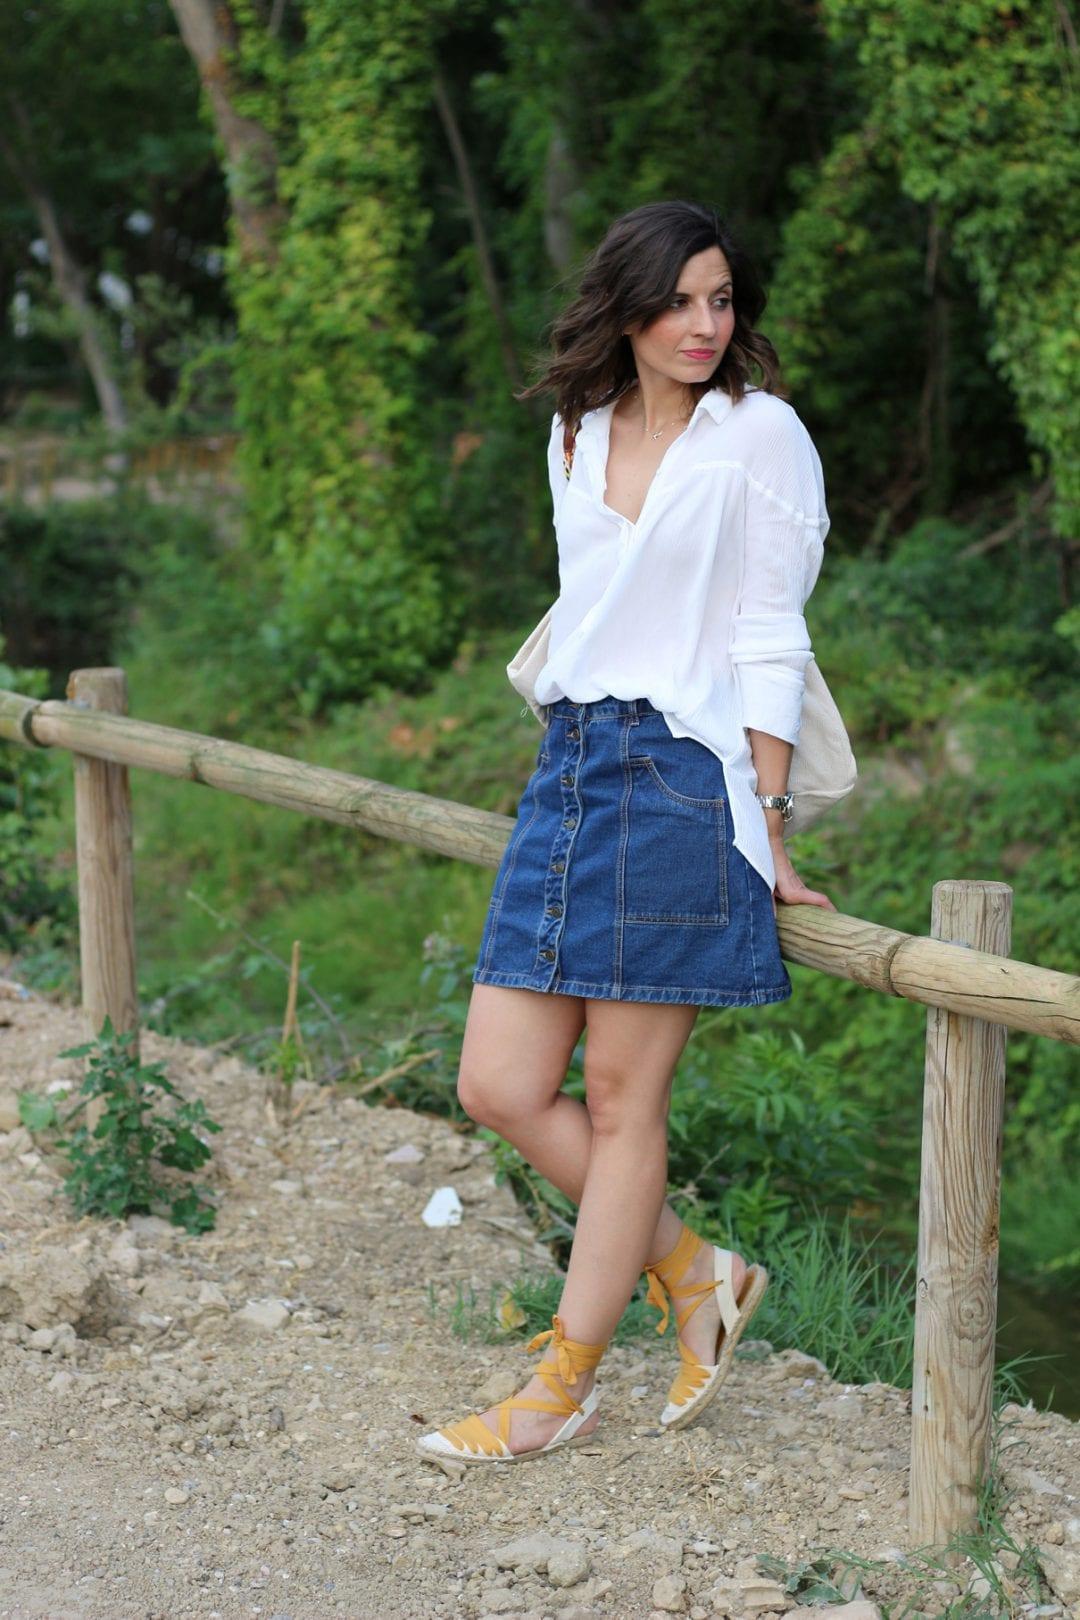 fashion blogger española con falda vaquera cintura alta y espardeñas - esparteñas- alpargatas lace up o espadrilles